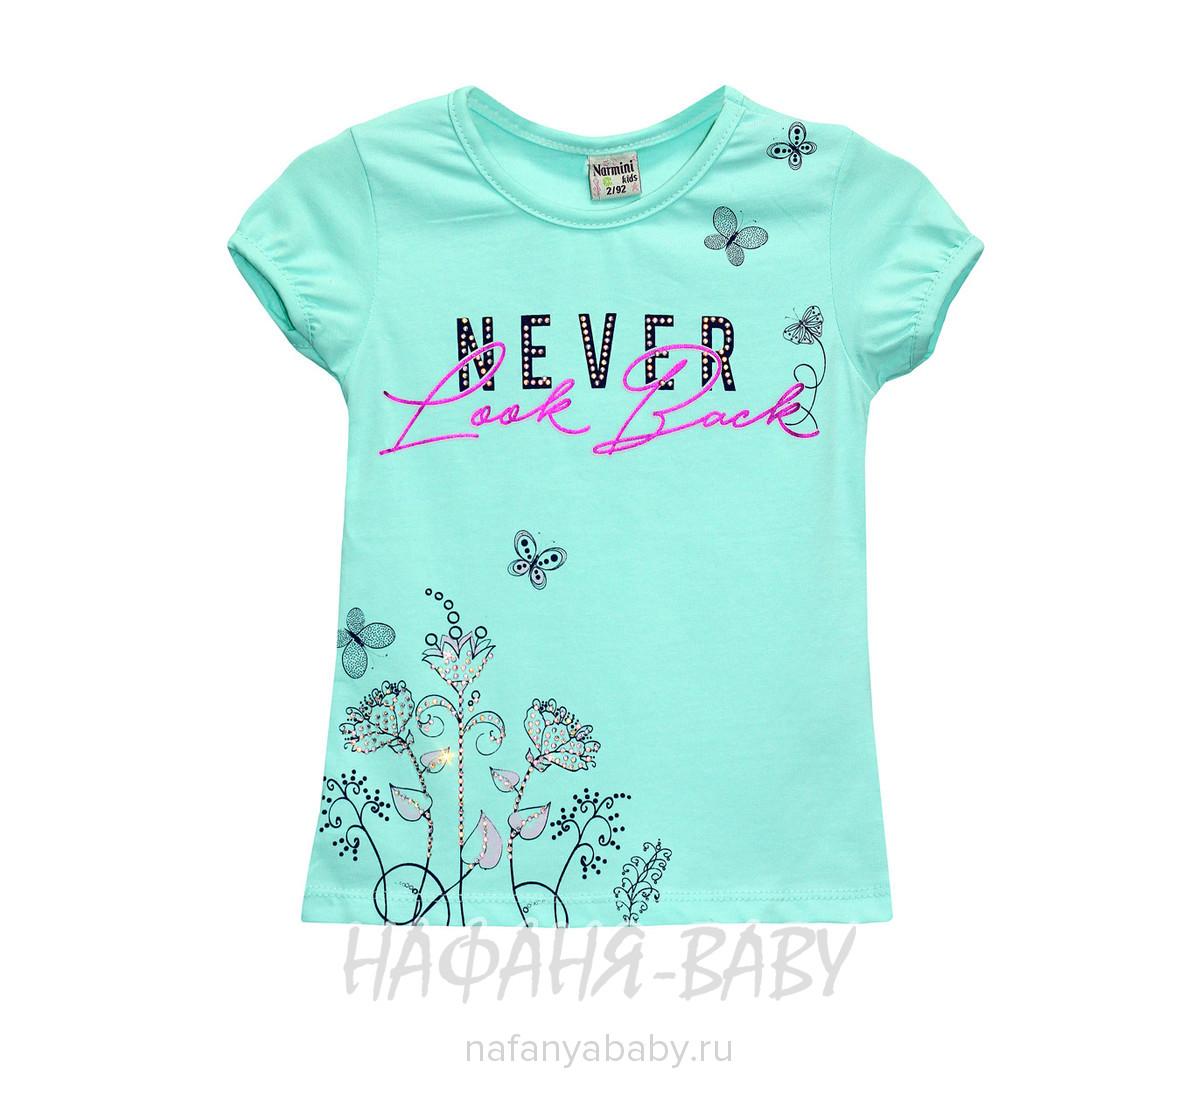 Детская футболка NARMINI арт: 5549, 1-4 года, 5-9 лет, цвет аквамариновый, оптом Турция